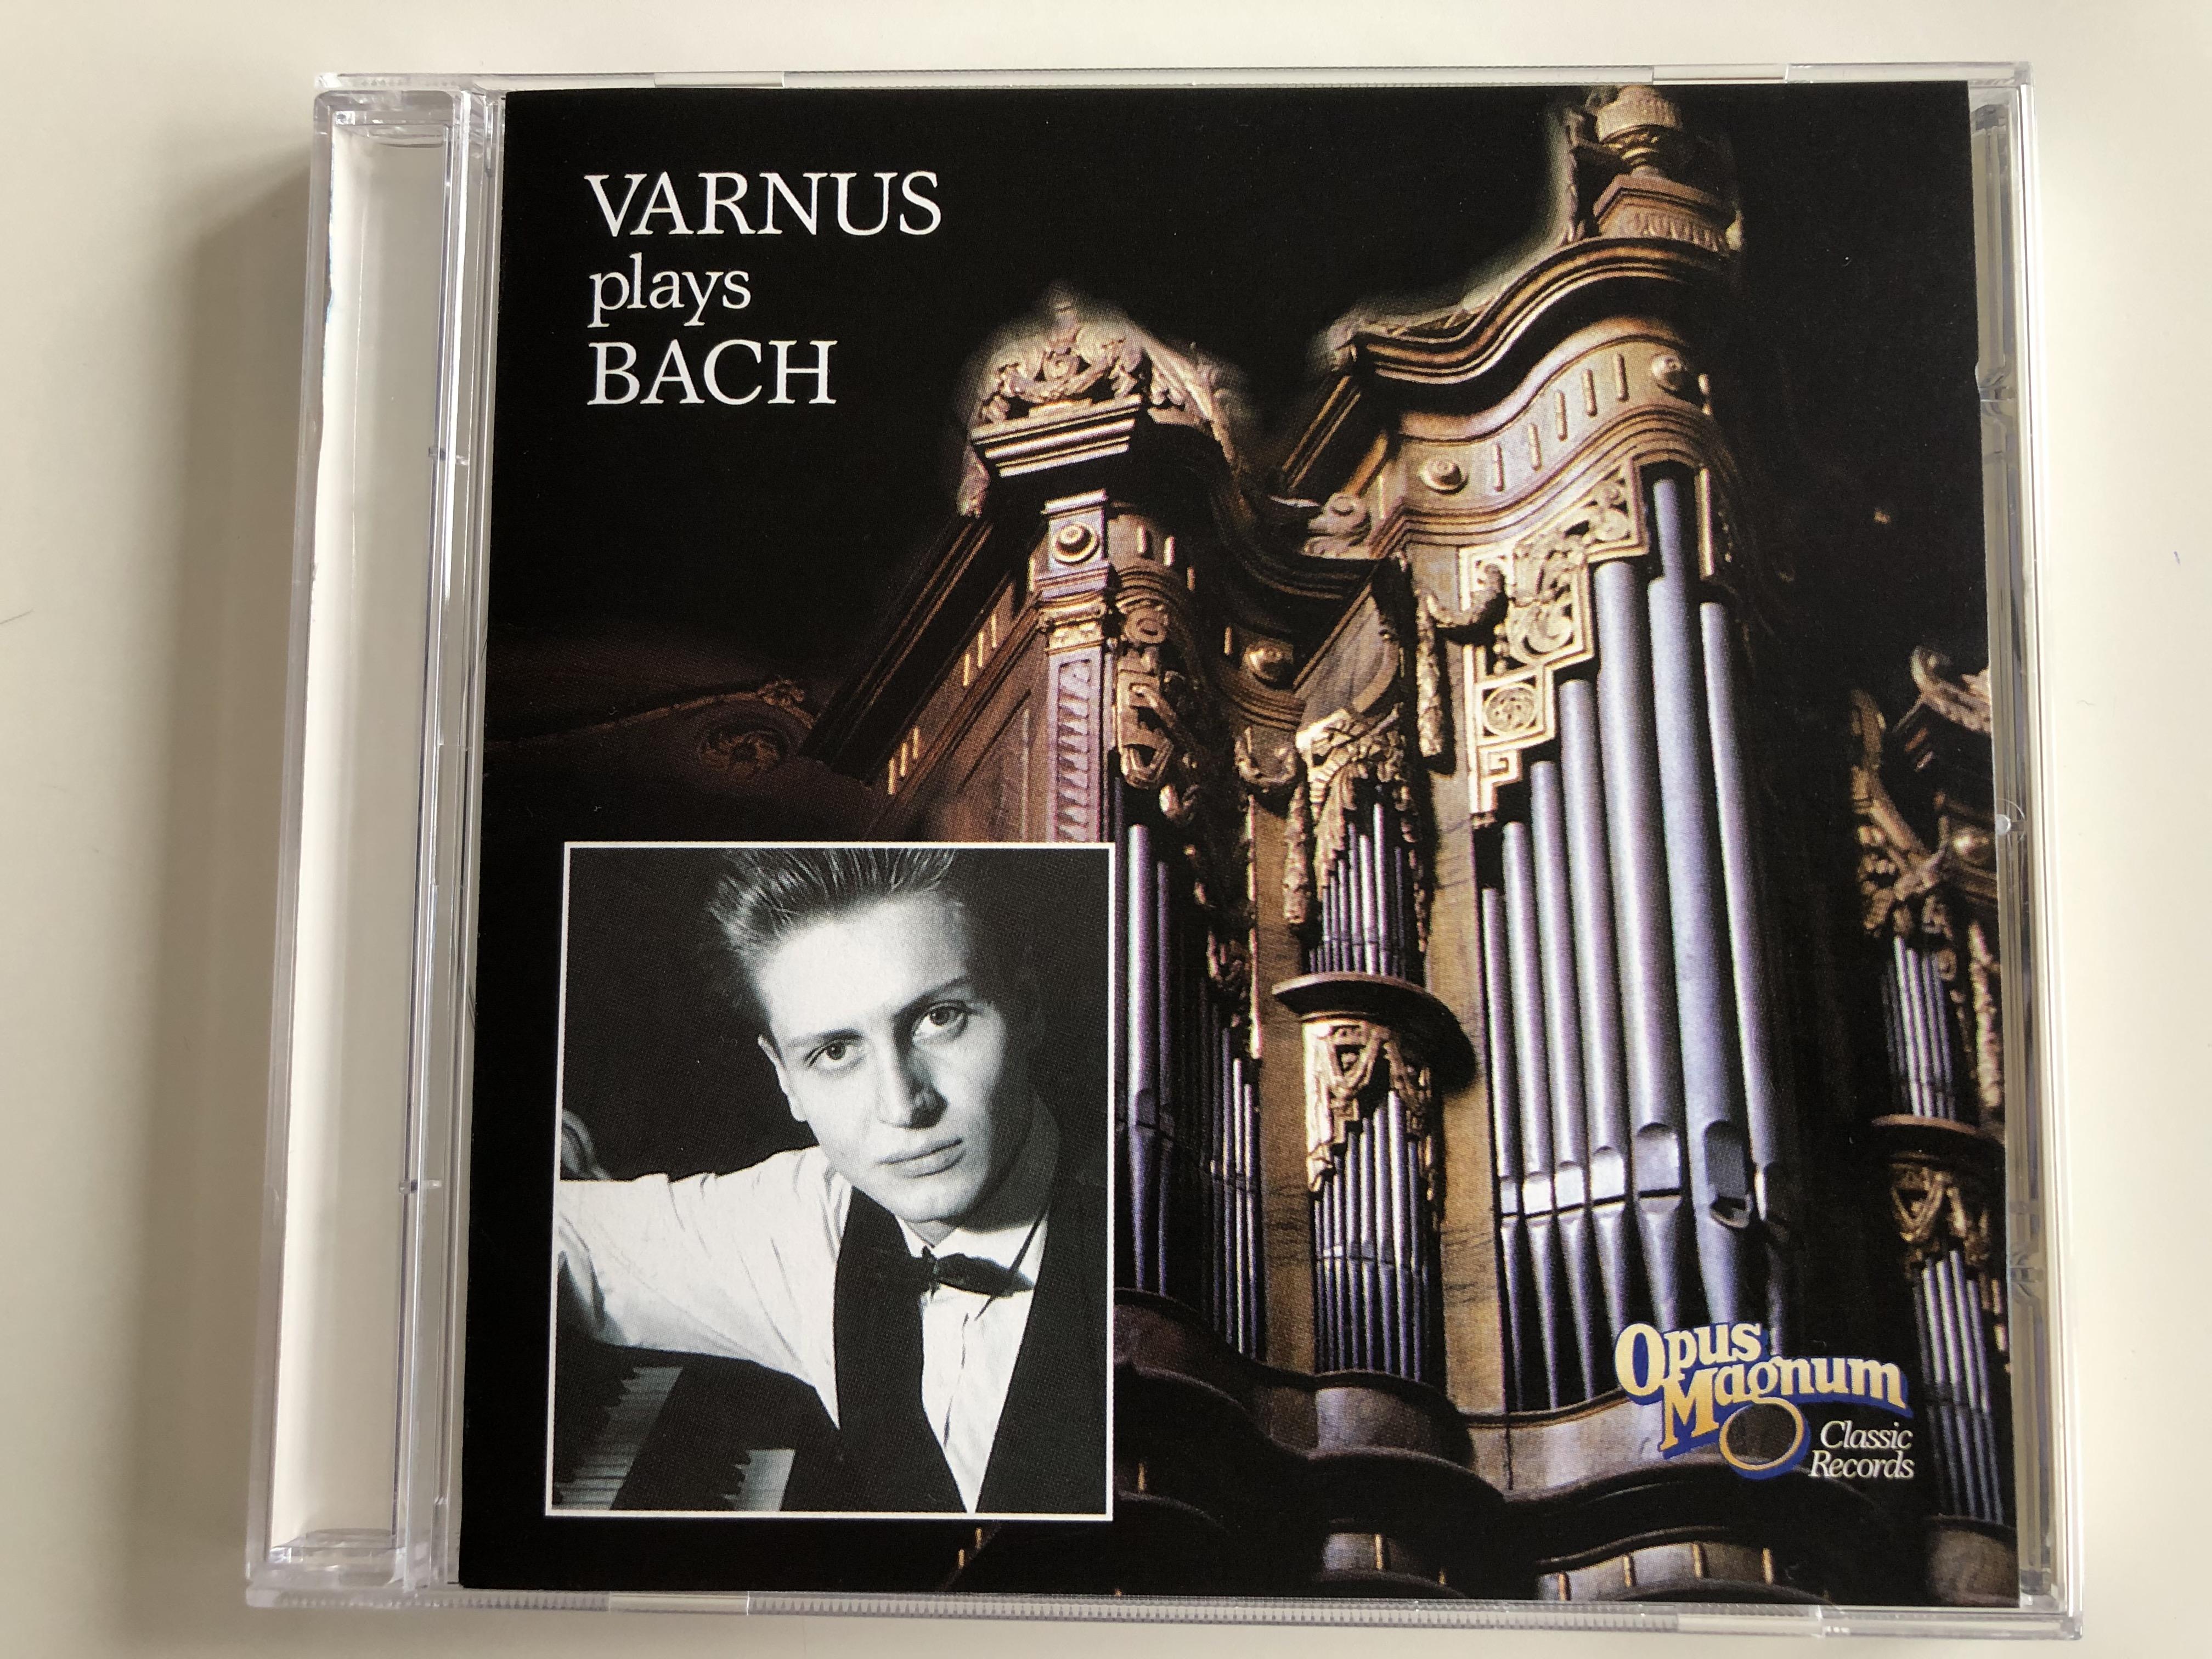 varnus-plays-bach-opus-magnum-audio-cd-1994-om-cd-001-1-.jpg